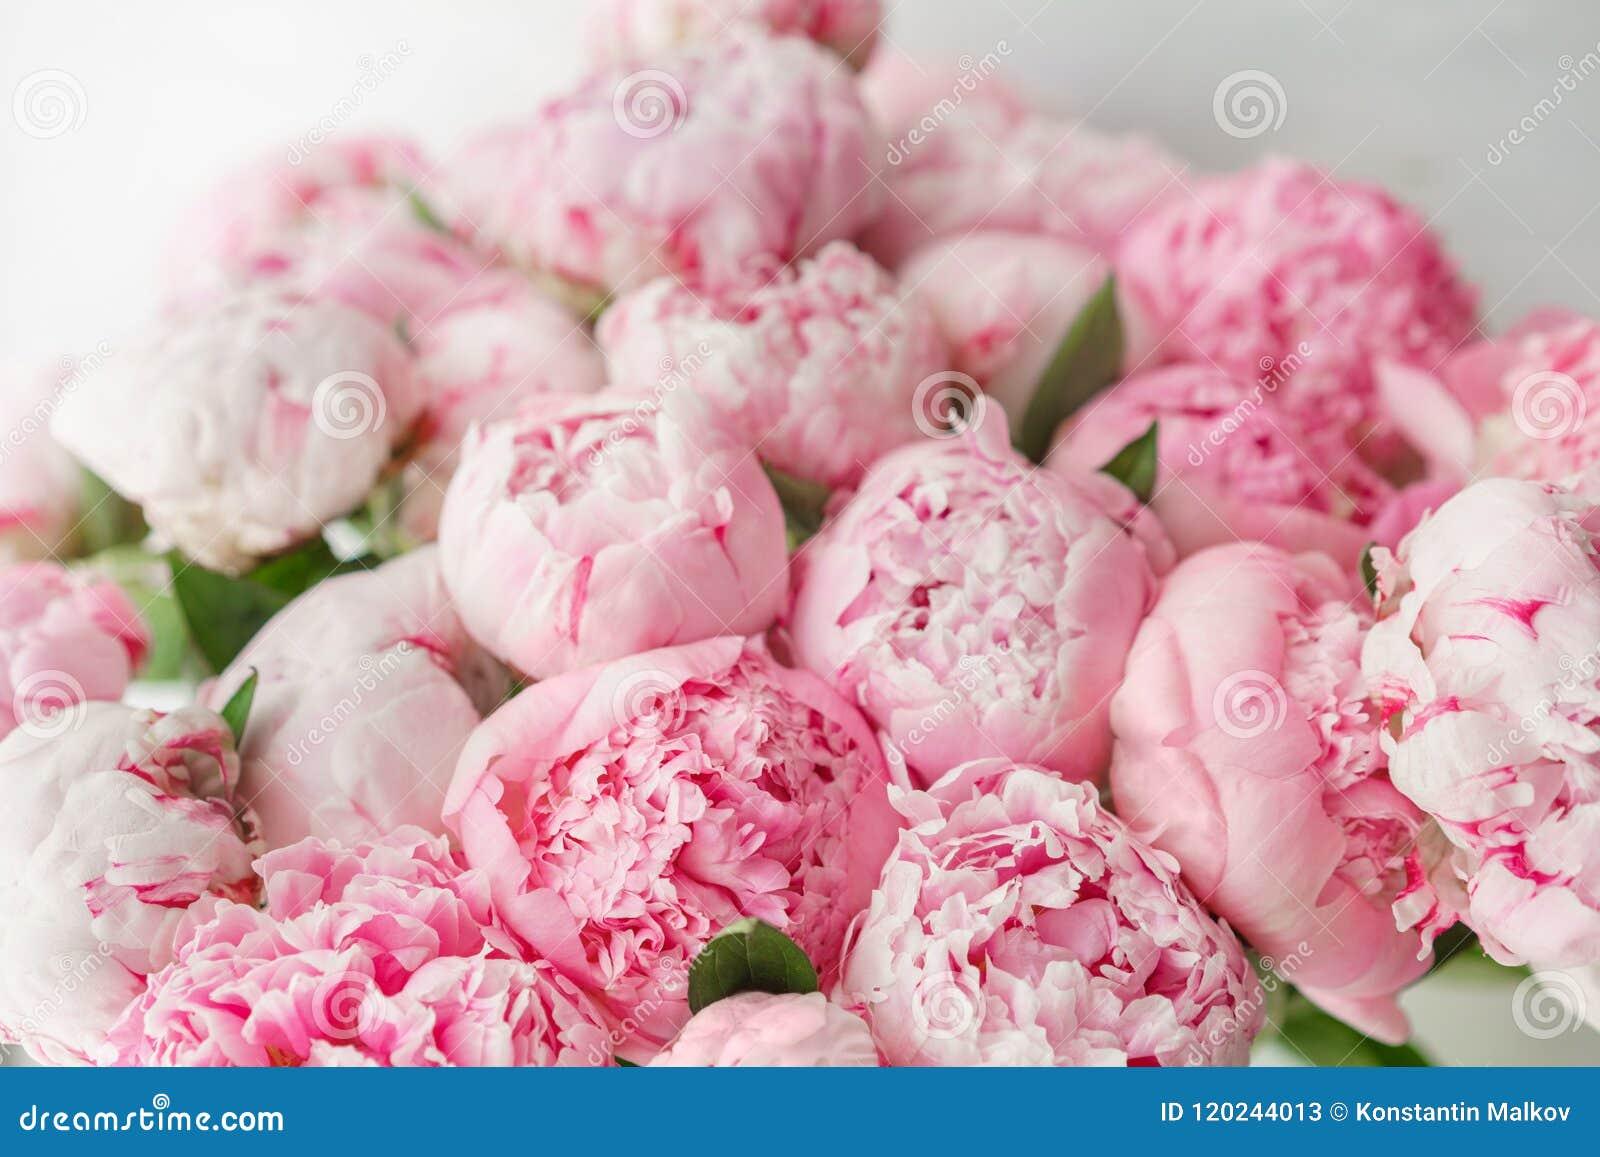 Wallpaper Peonías rosadas de las flores preciosas Composiciones florales, luz del día